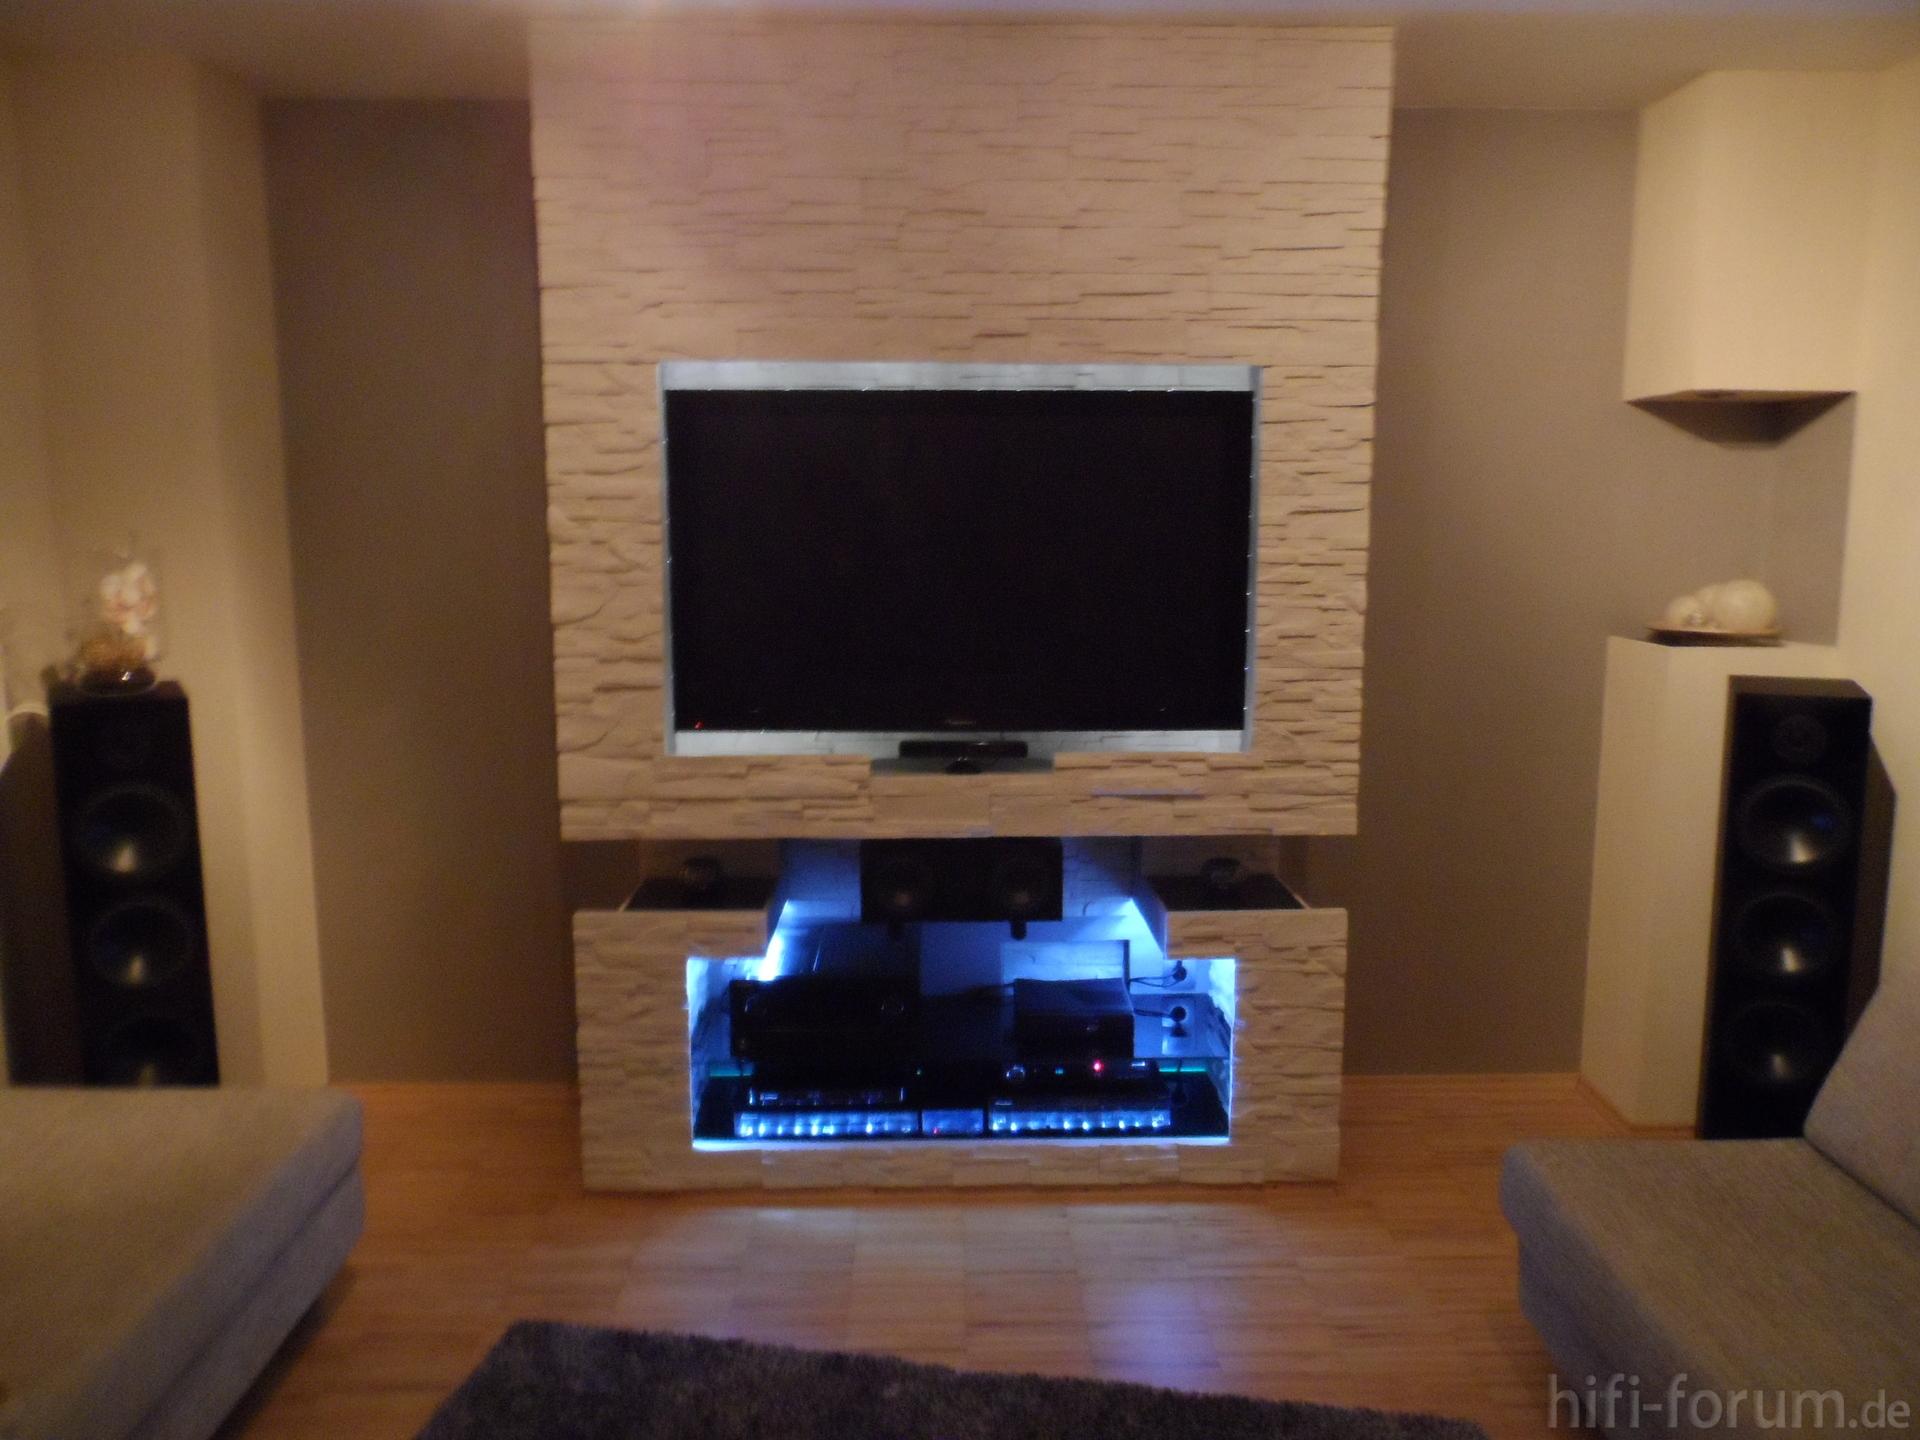 aktuelle bilder mit neuem plasma und anderen ger ten aktuelle ger ten plasma hifi. Black Bedroom Furniture Sets. Home Design Ideas